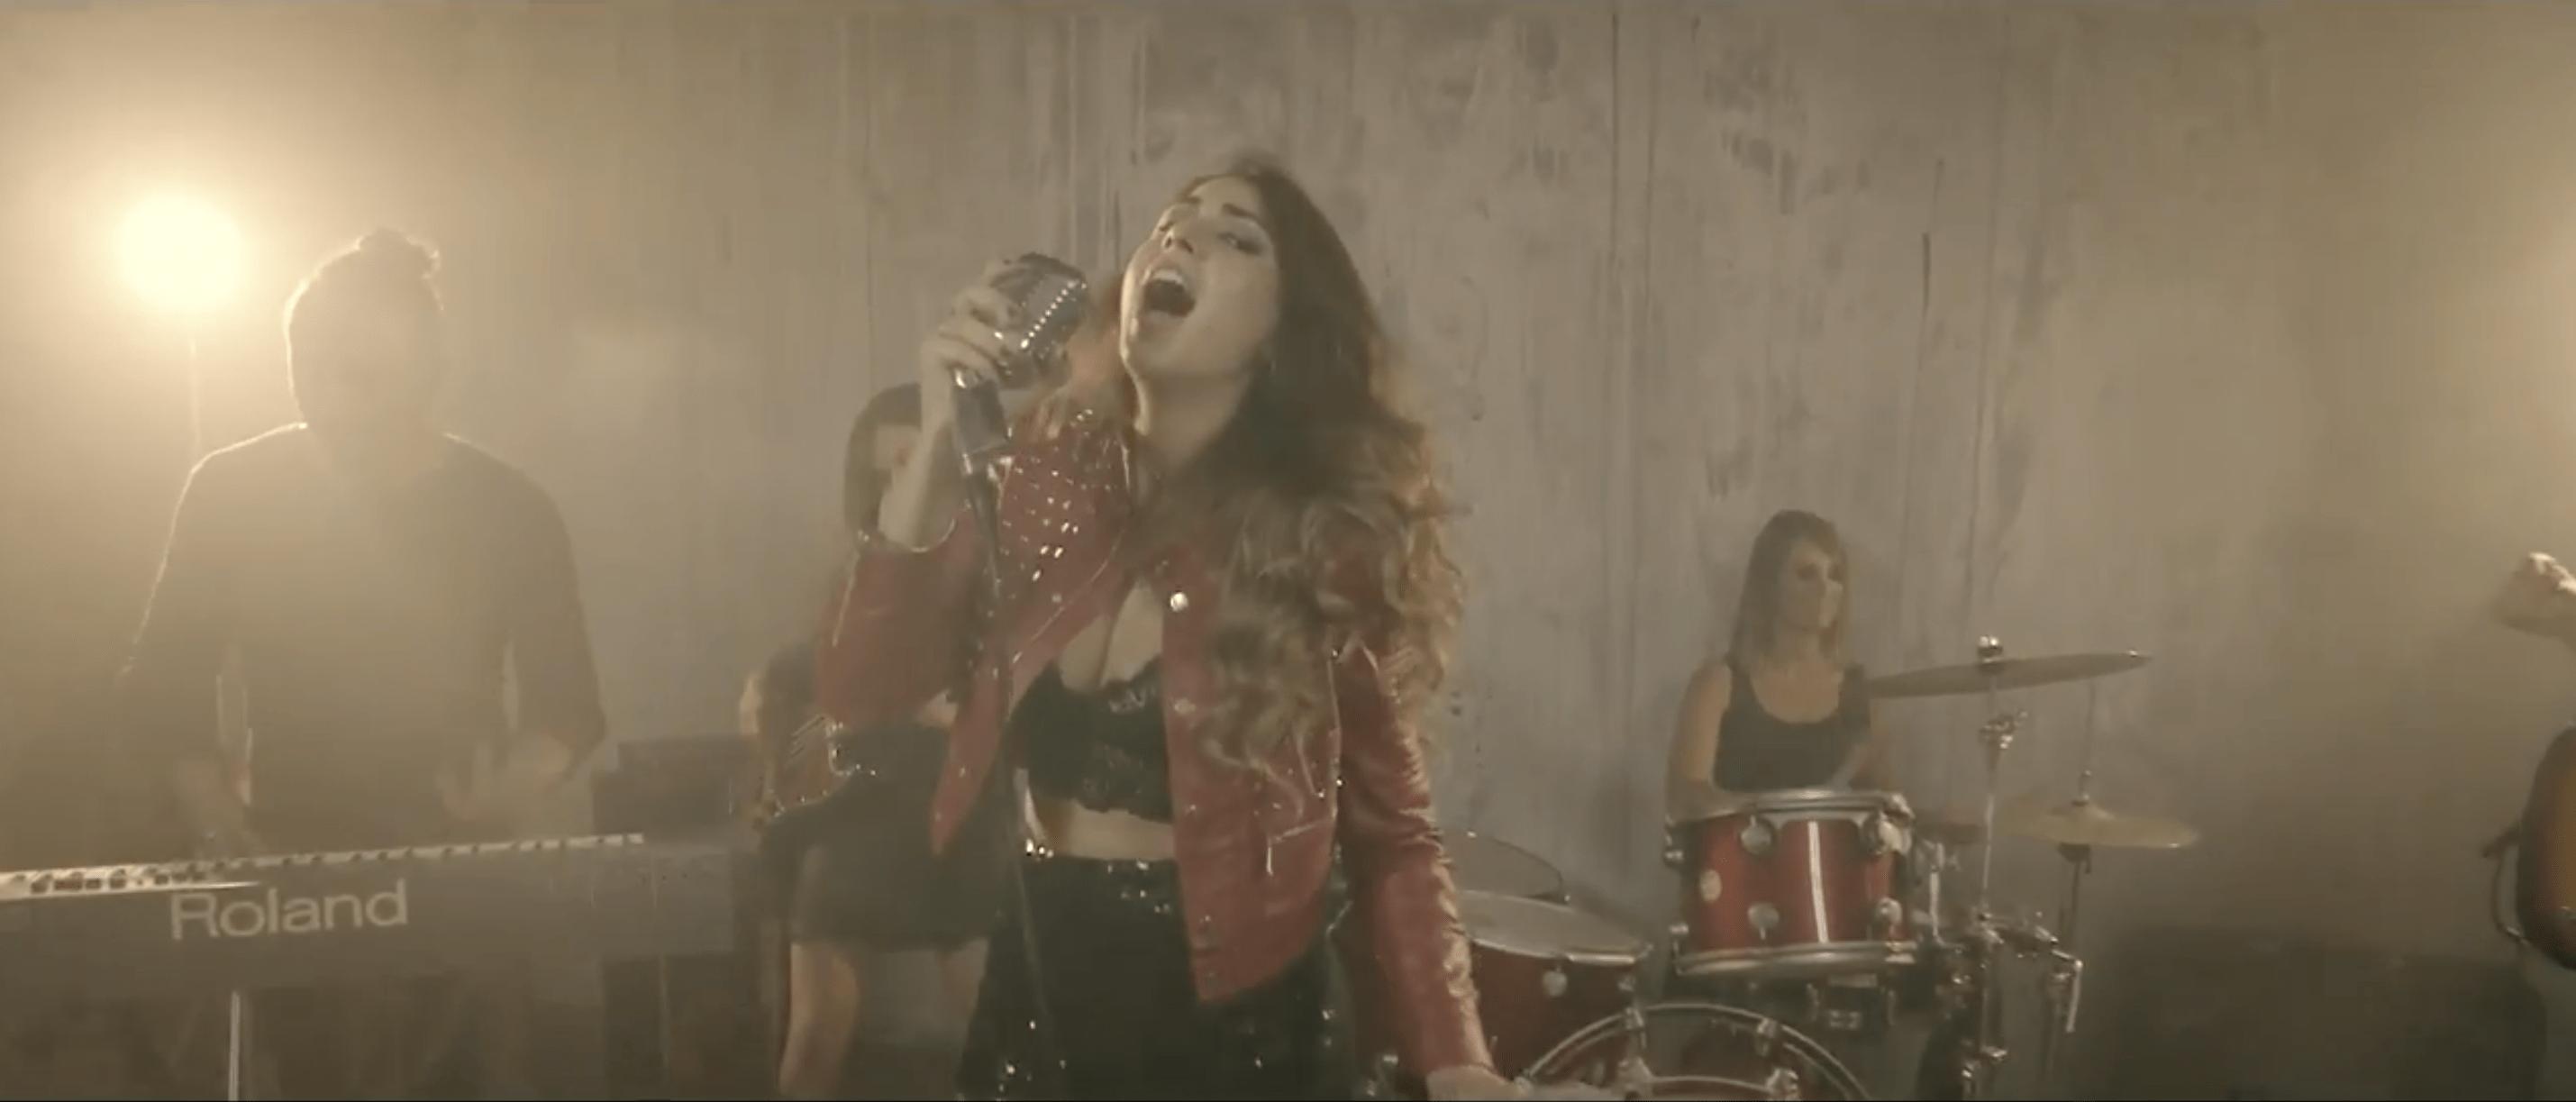 Matia Bazar a Malta - foto estratta dal video ultimo singolo